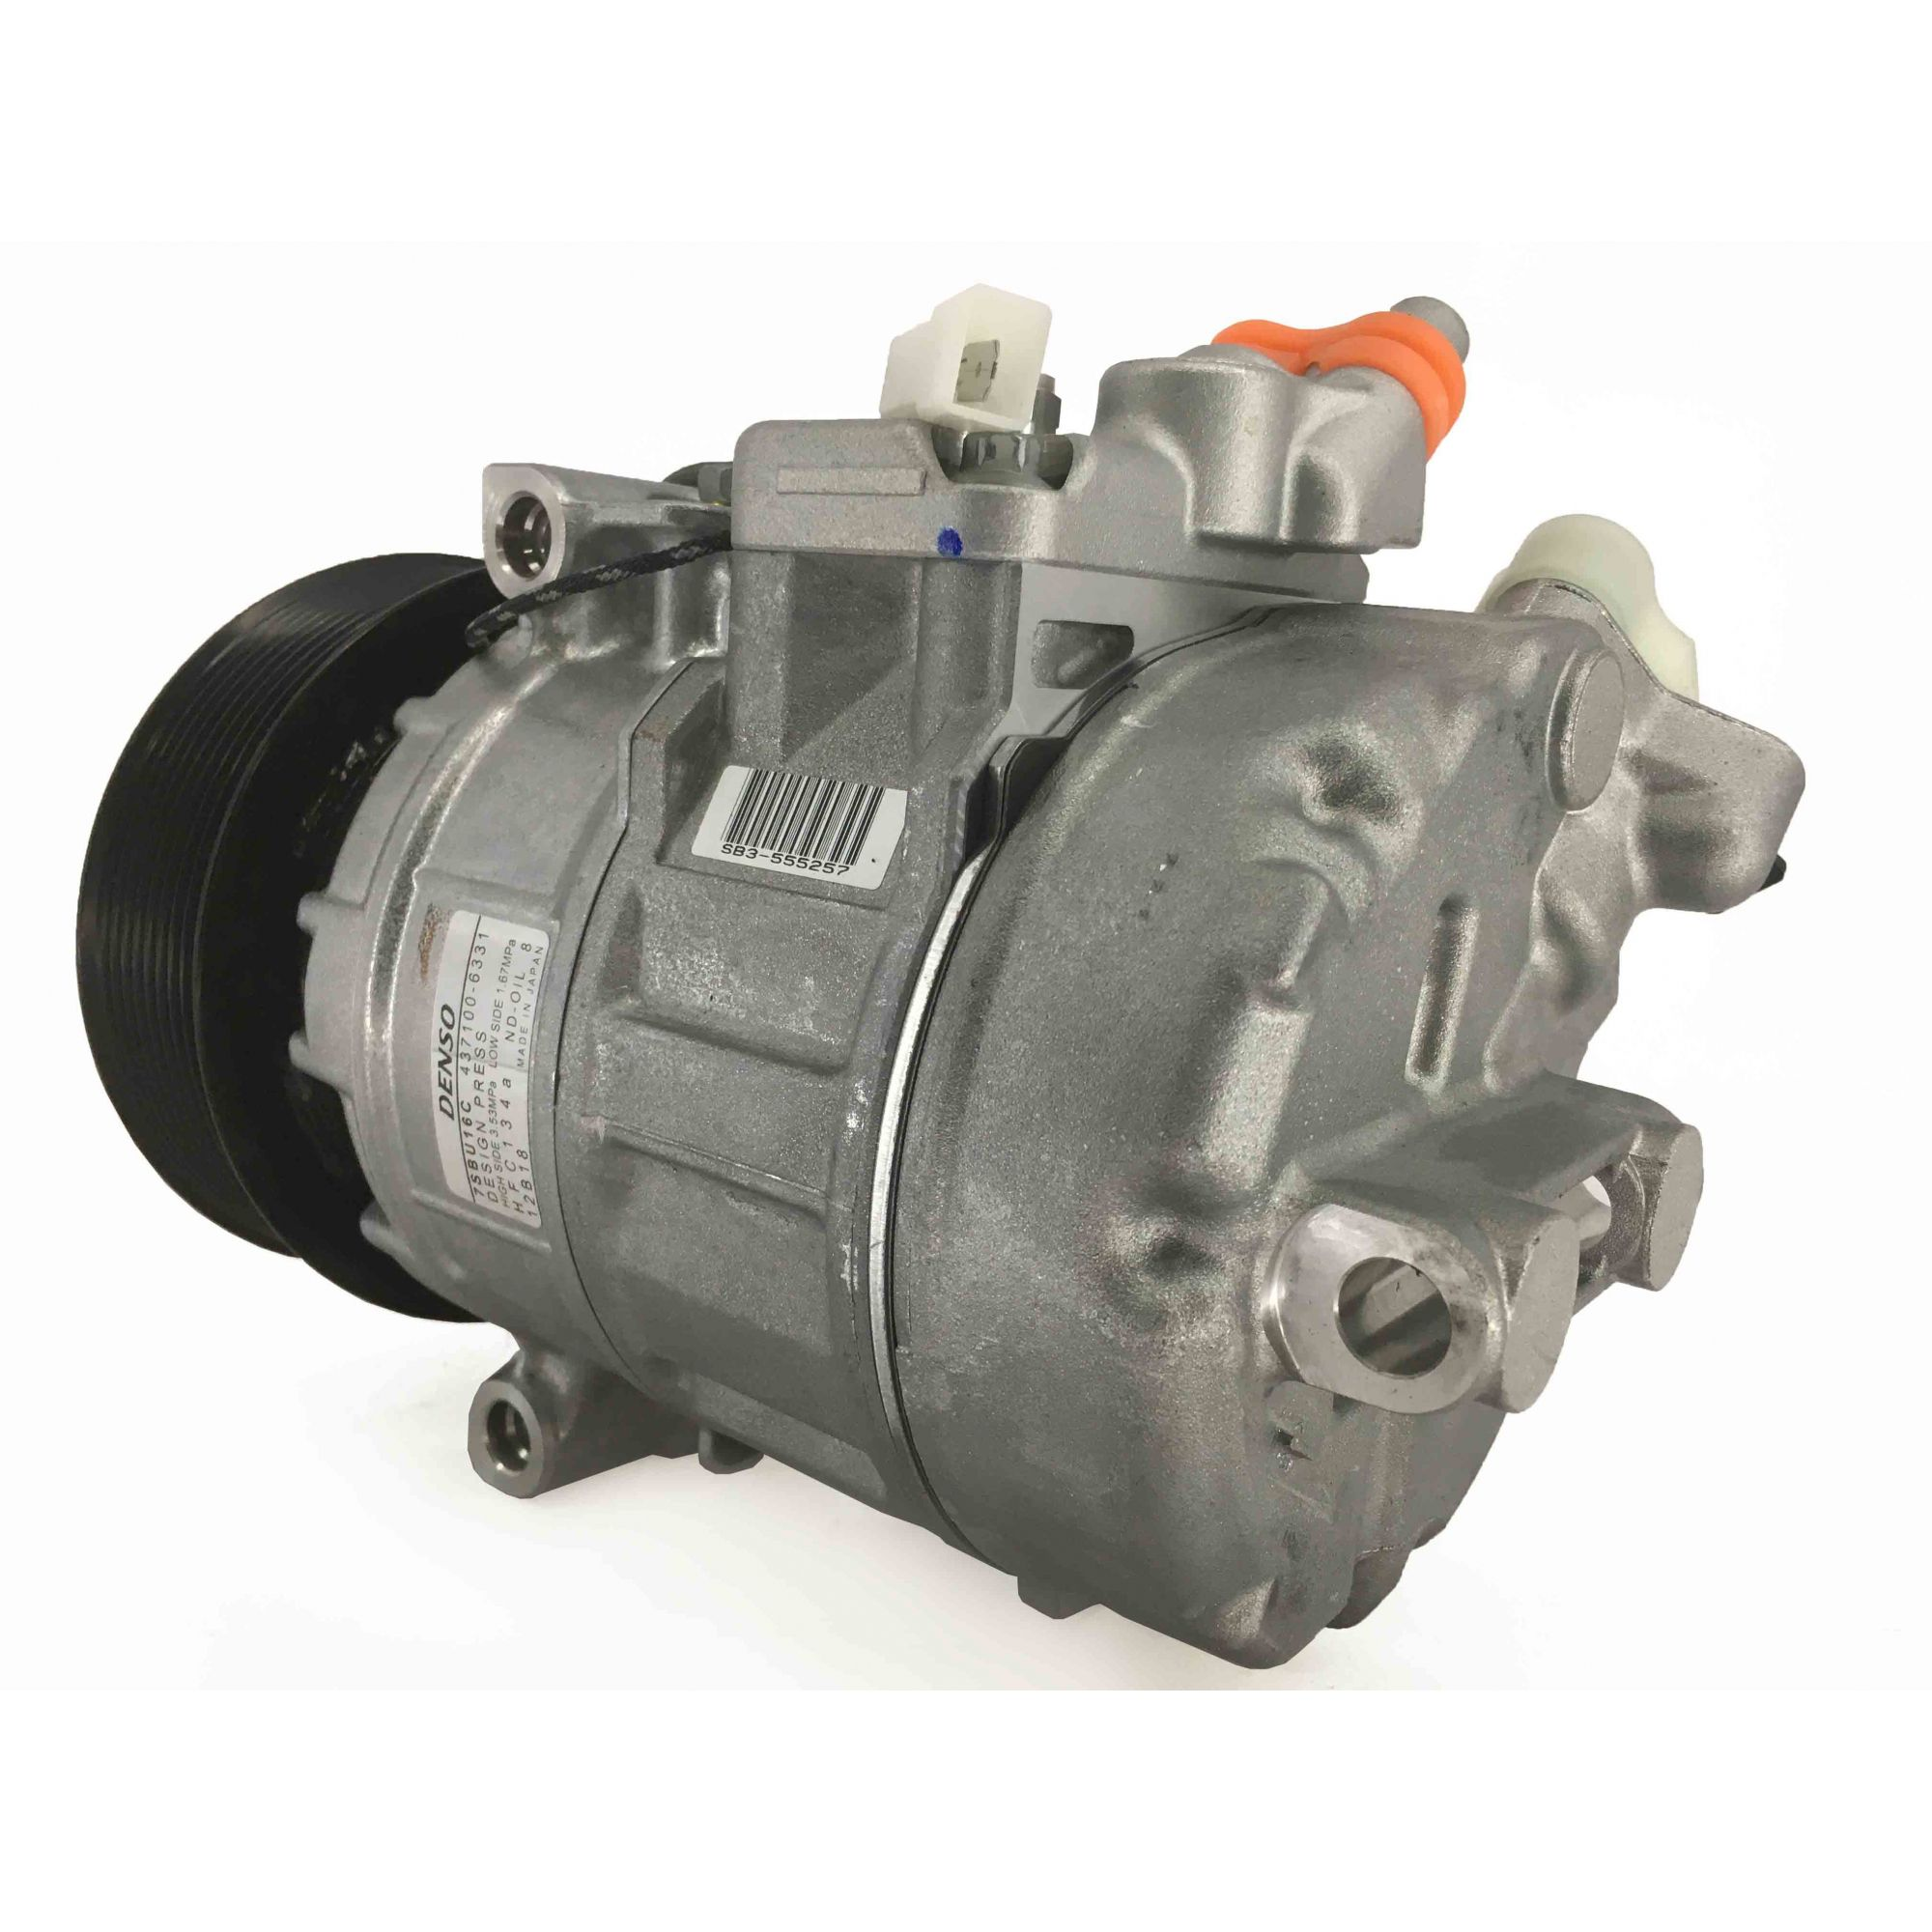 Compressor Axor / Actros 24v - Original DENSO